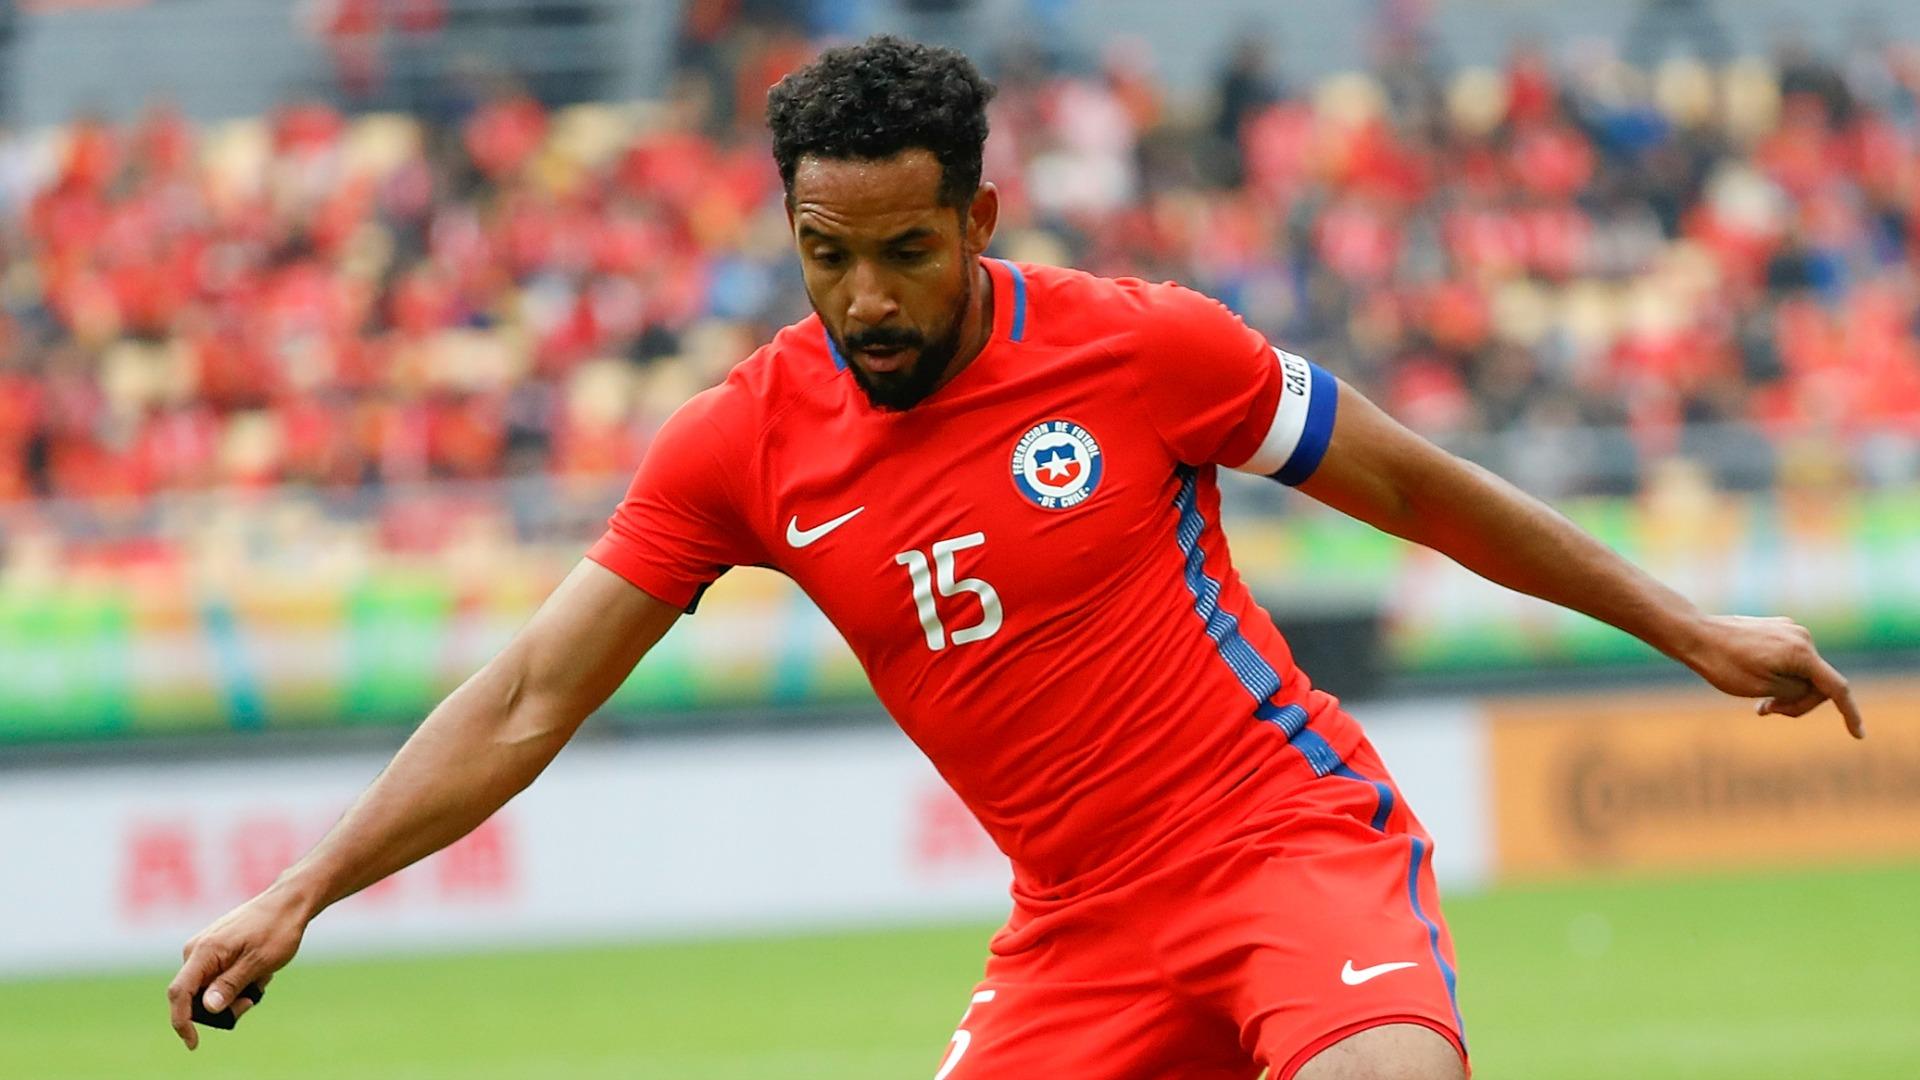 Beausejour lamentó la ausencia de Valdivia en la Selección chilena